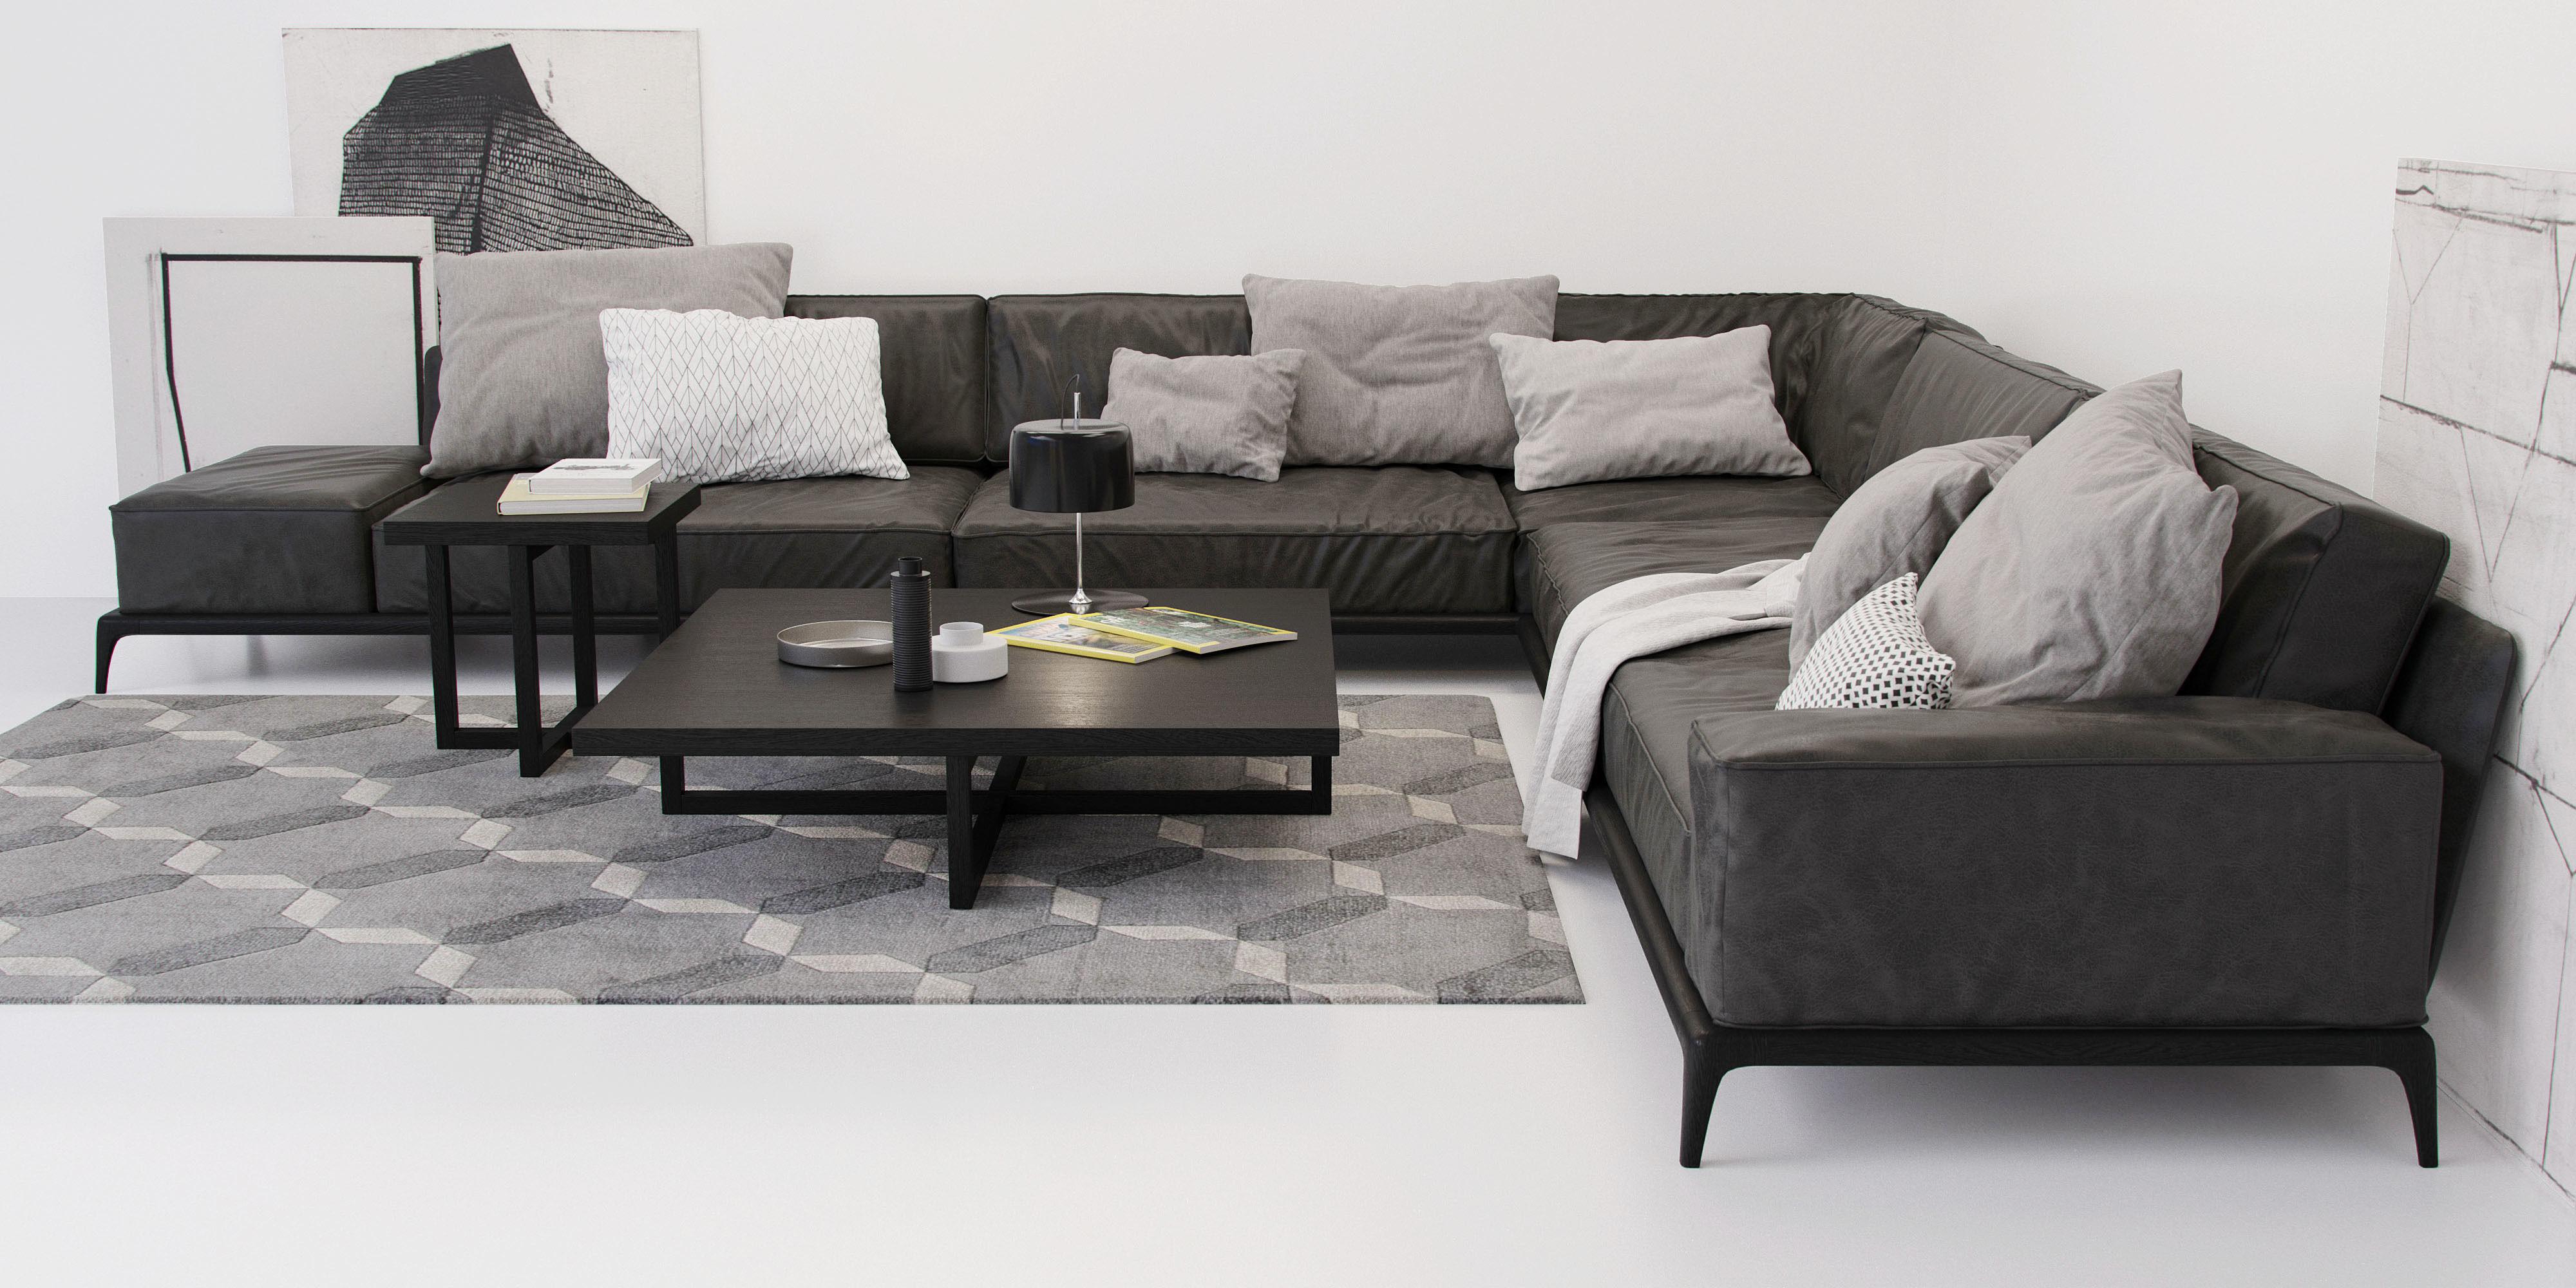 Poliform Park Sofa Model Max Obj Mtl 2